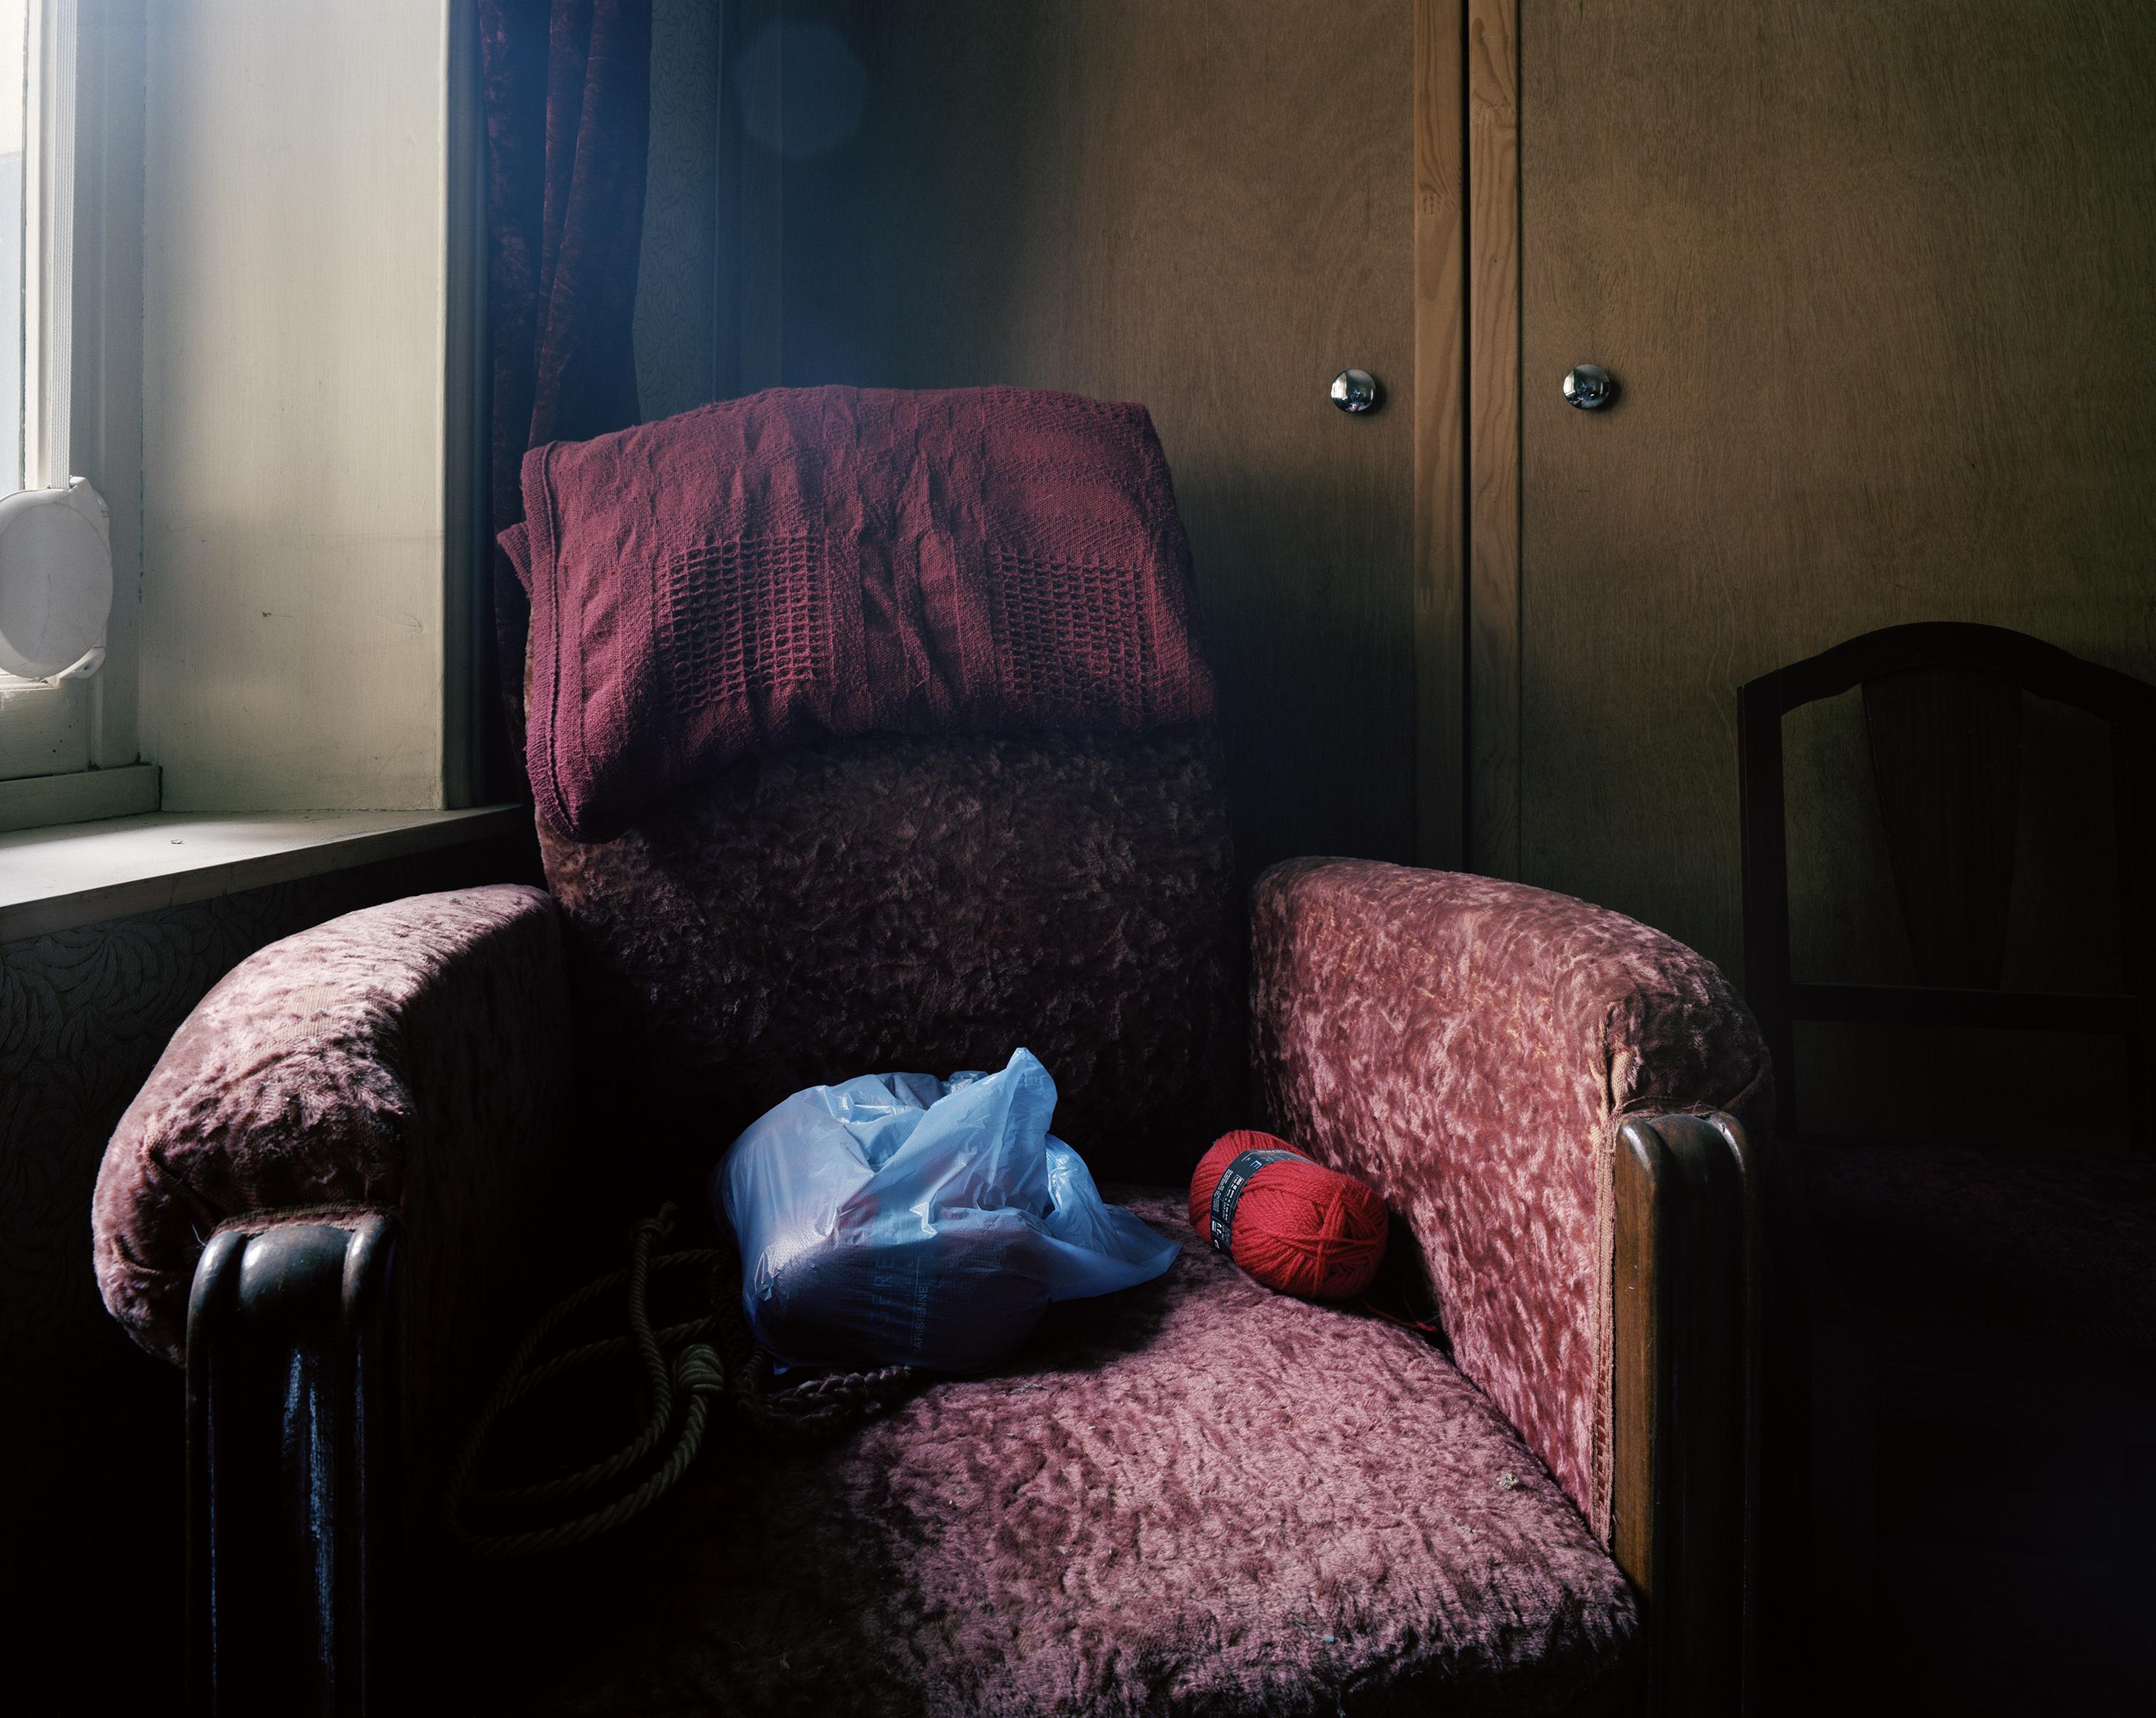 Aile gauche, Appartement n° 17, mardi 25 septembre 2012 (image)